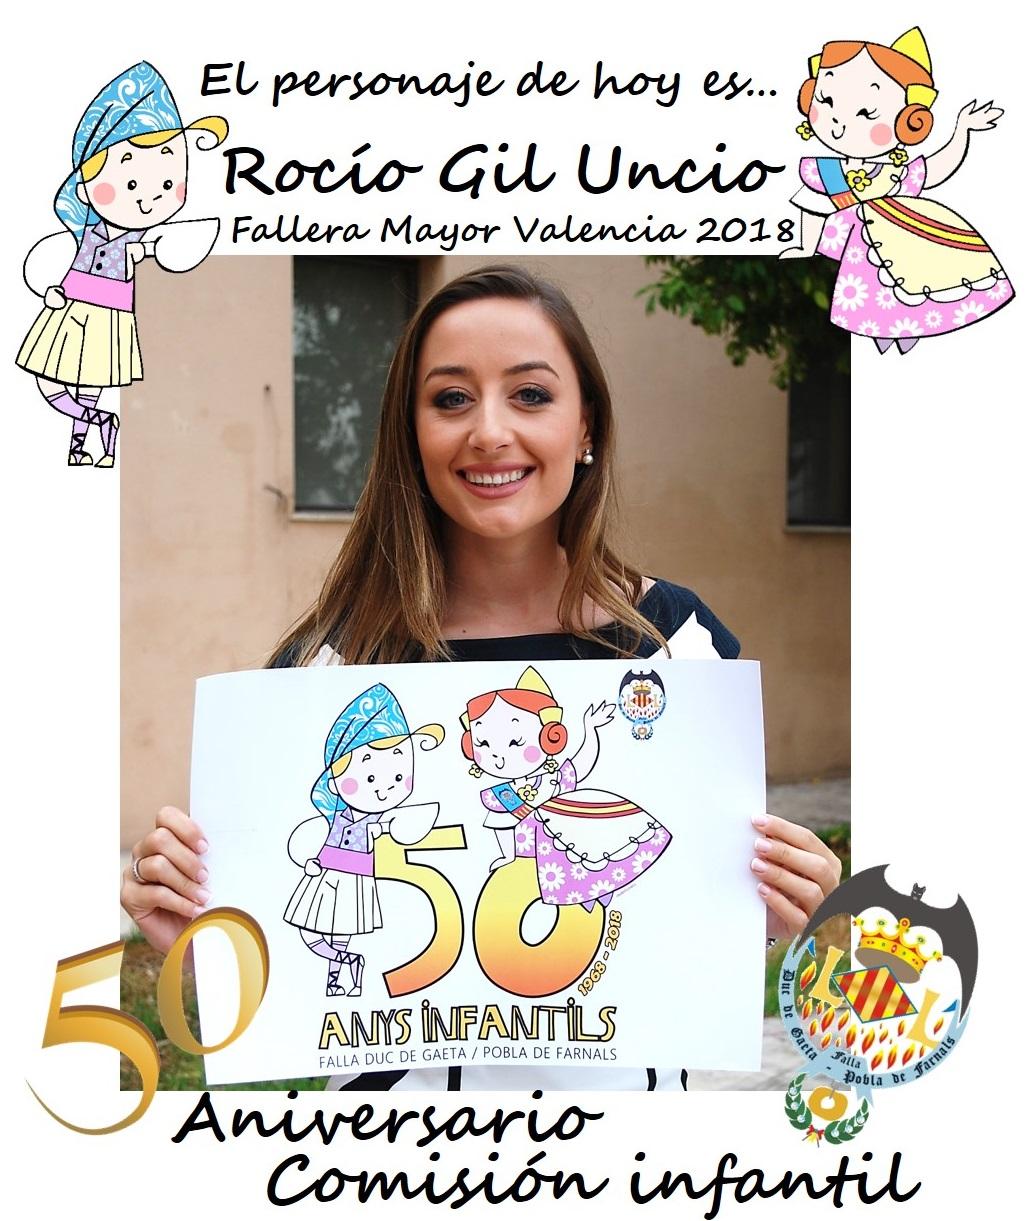 Personaje del día: Rocío Gil Uncio, Fallera Mayor de Valencia 2018 @JCF_Valencia